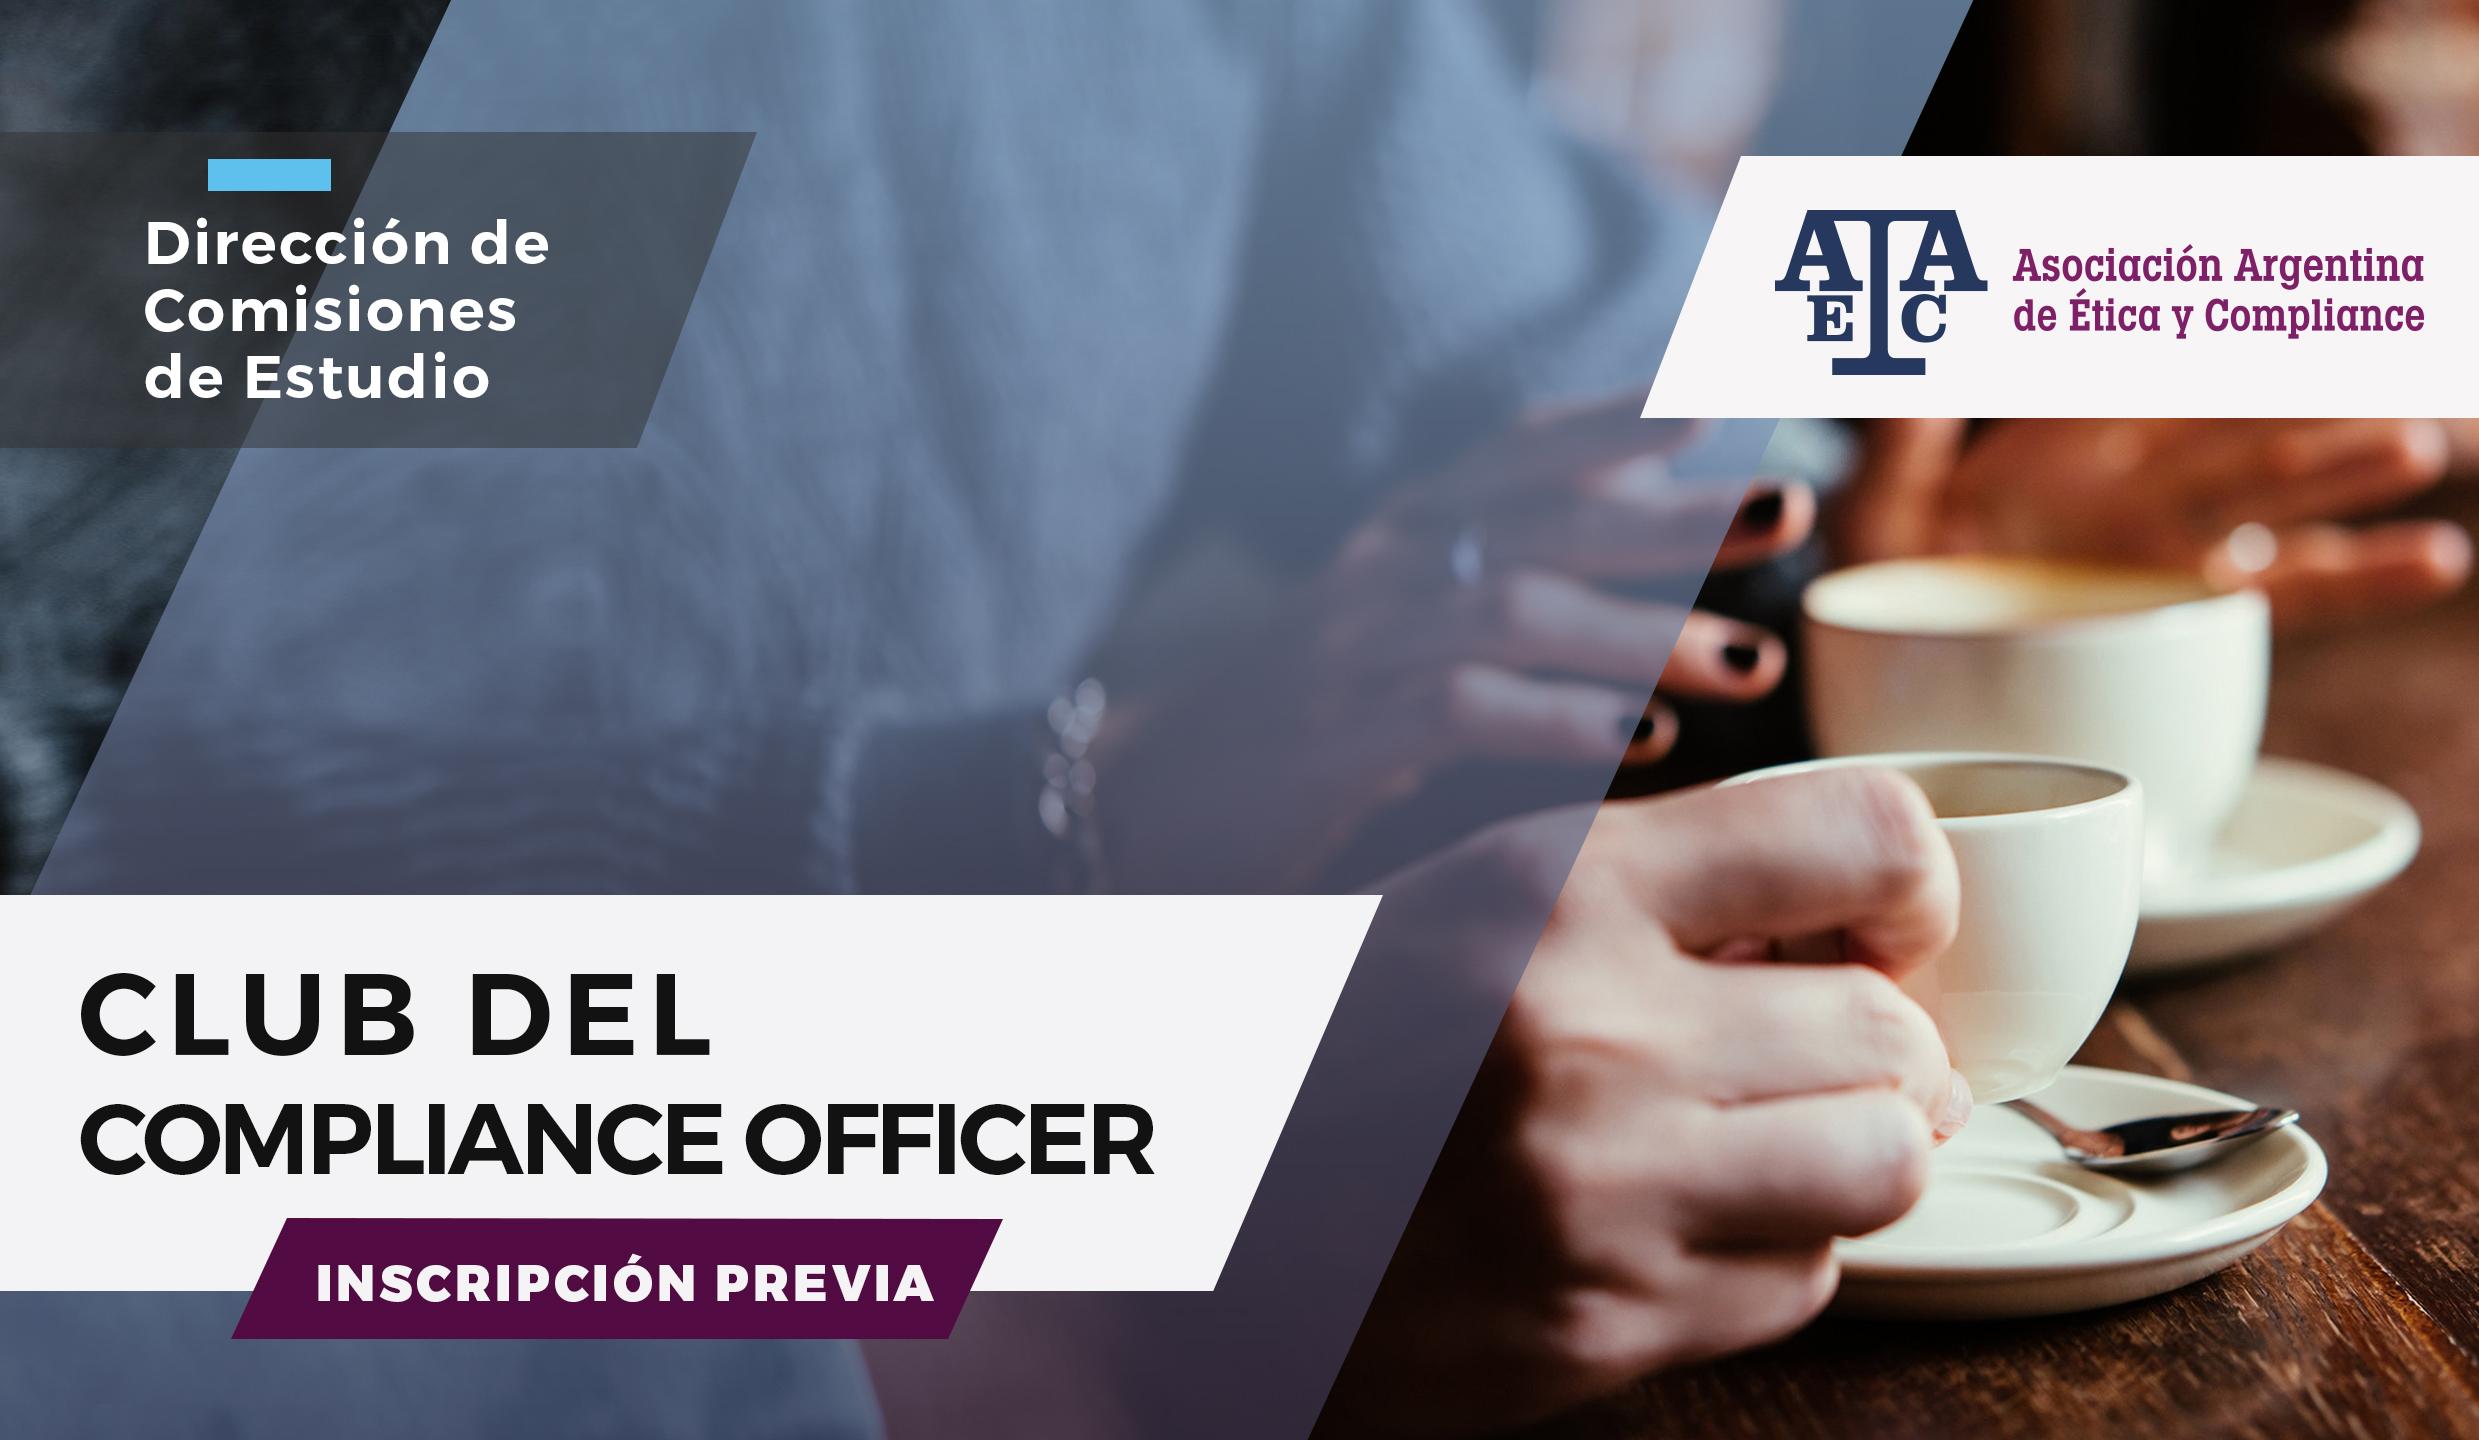 Charla en la Asociacion Argentina de Etica y Compliance